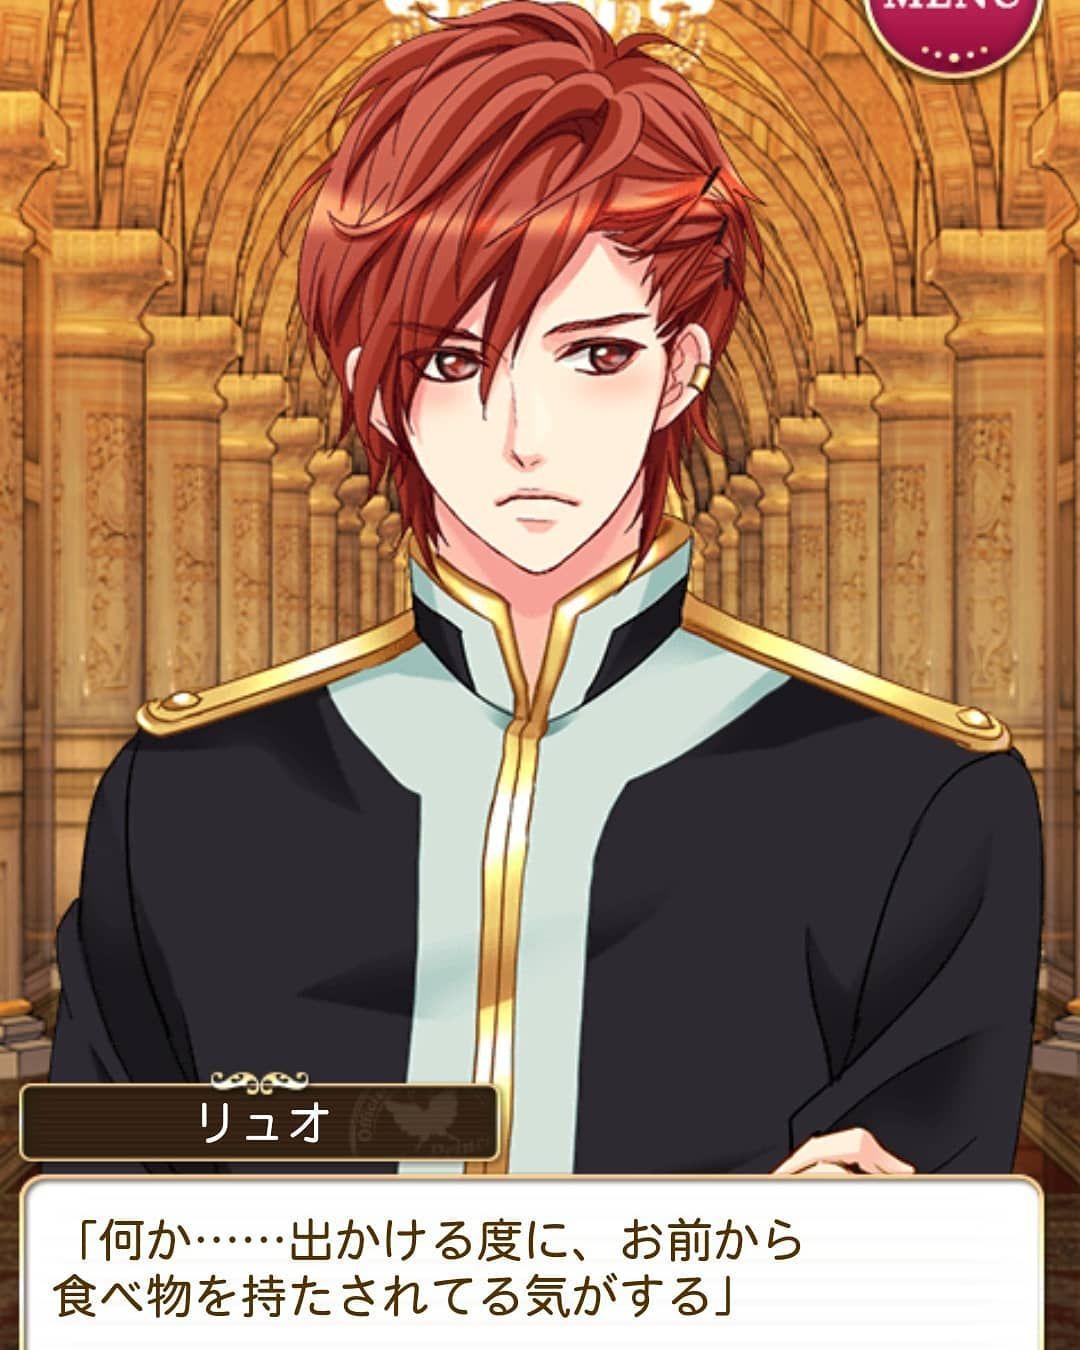 王子 様 の プロポーズ リュオ